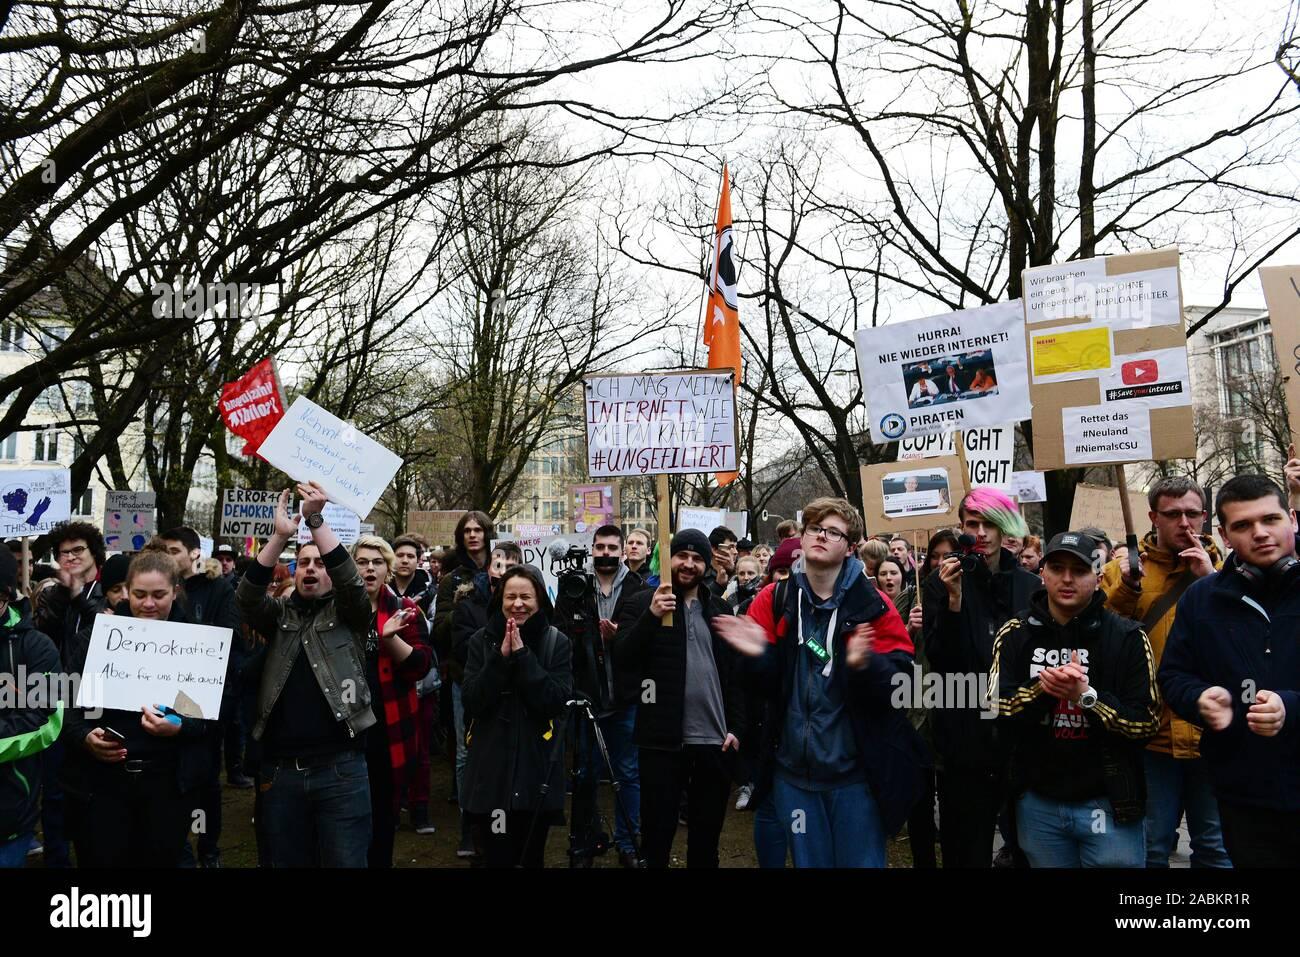 Manifestación contra la reforma acordada de la ley de derechos de autor en la Unión Europea (UE) en frente de la Cancillería del Estado de Baviera en Múnich. [Traducción automática] Foto de stock